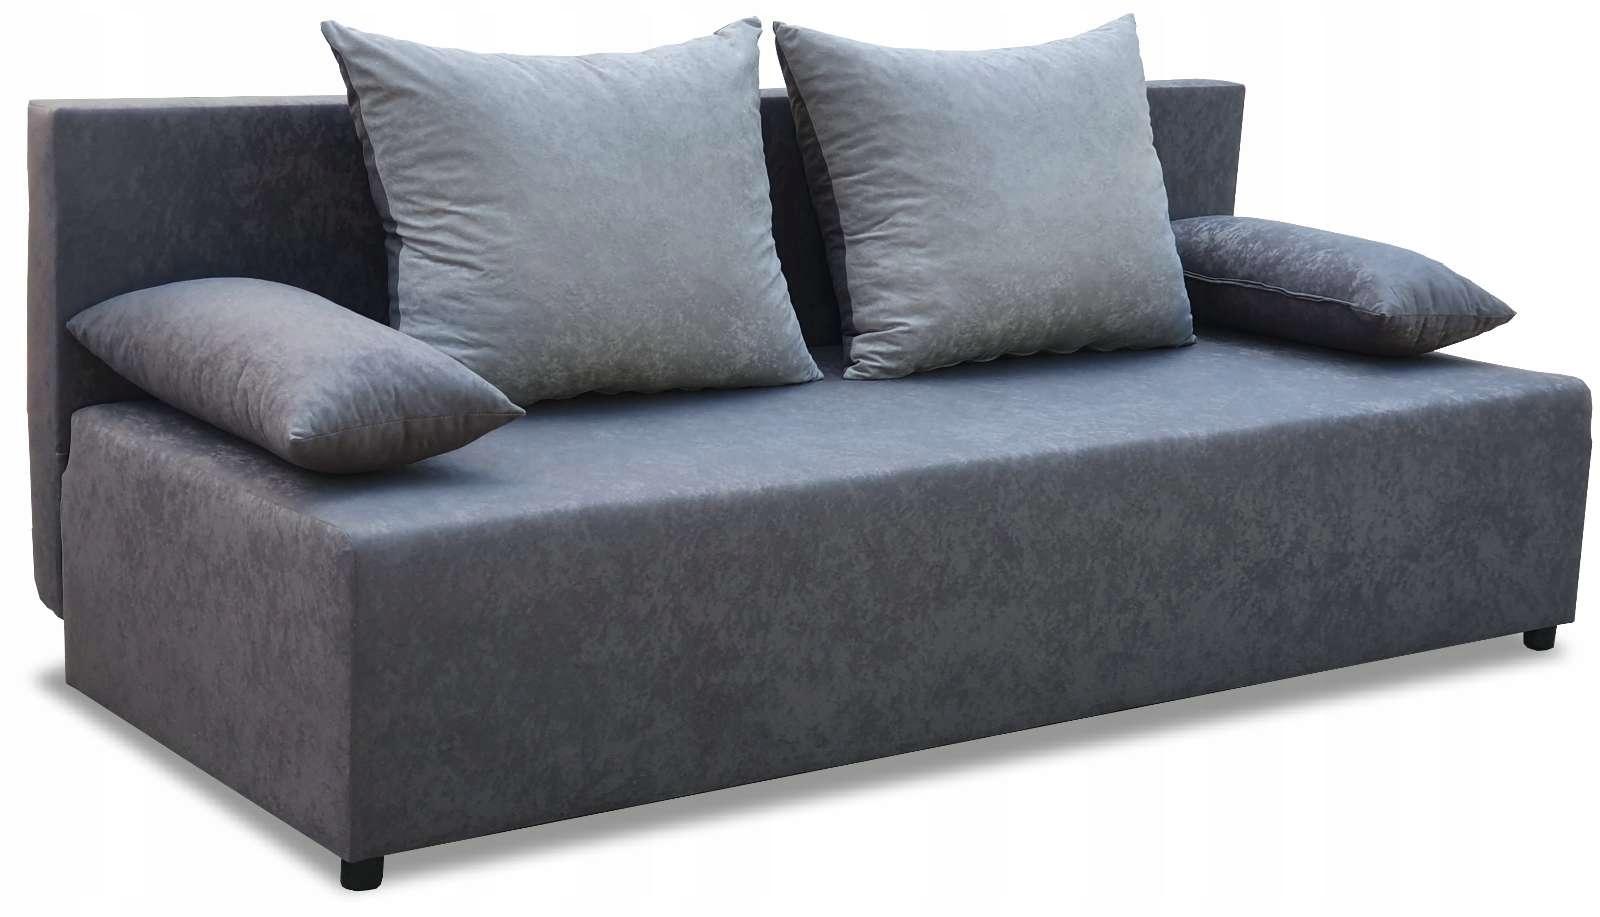 Дешевый раскладной диван BASIC - диван-кровать